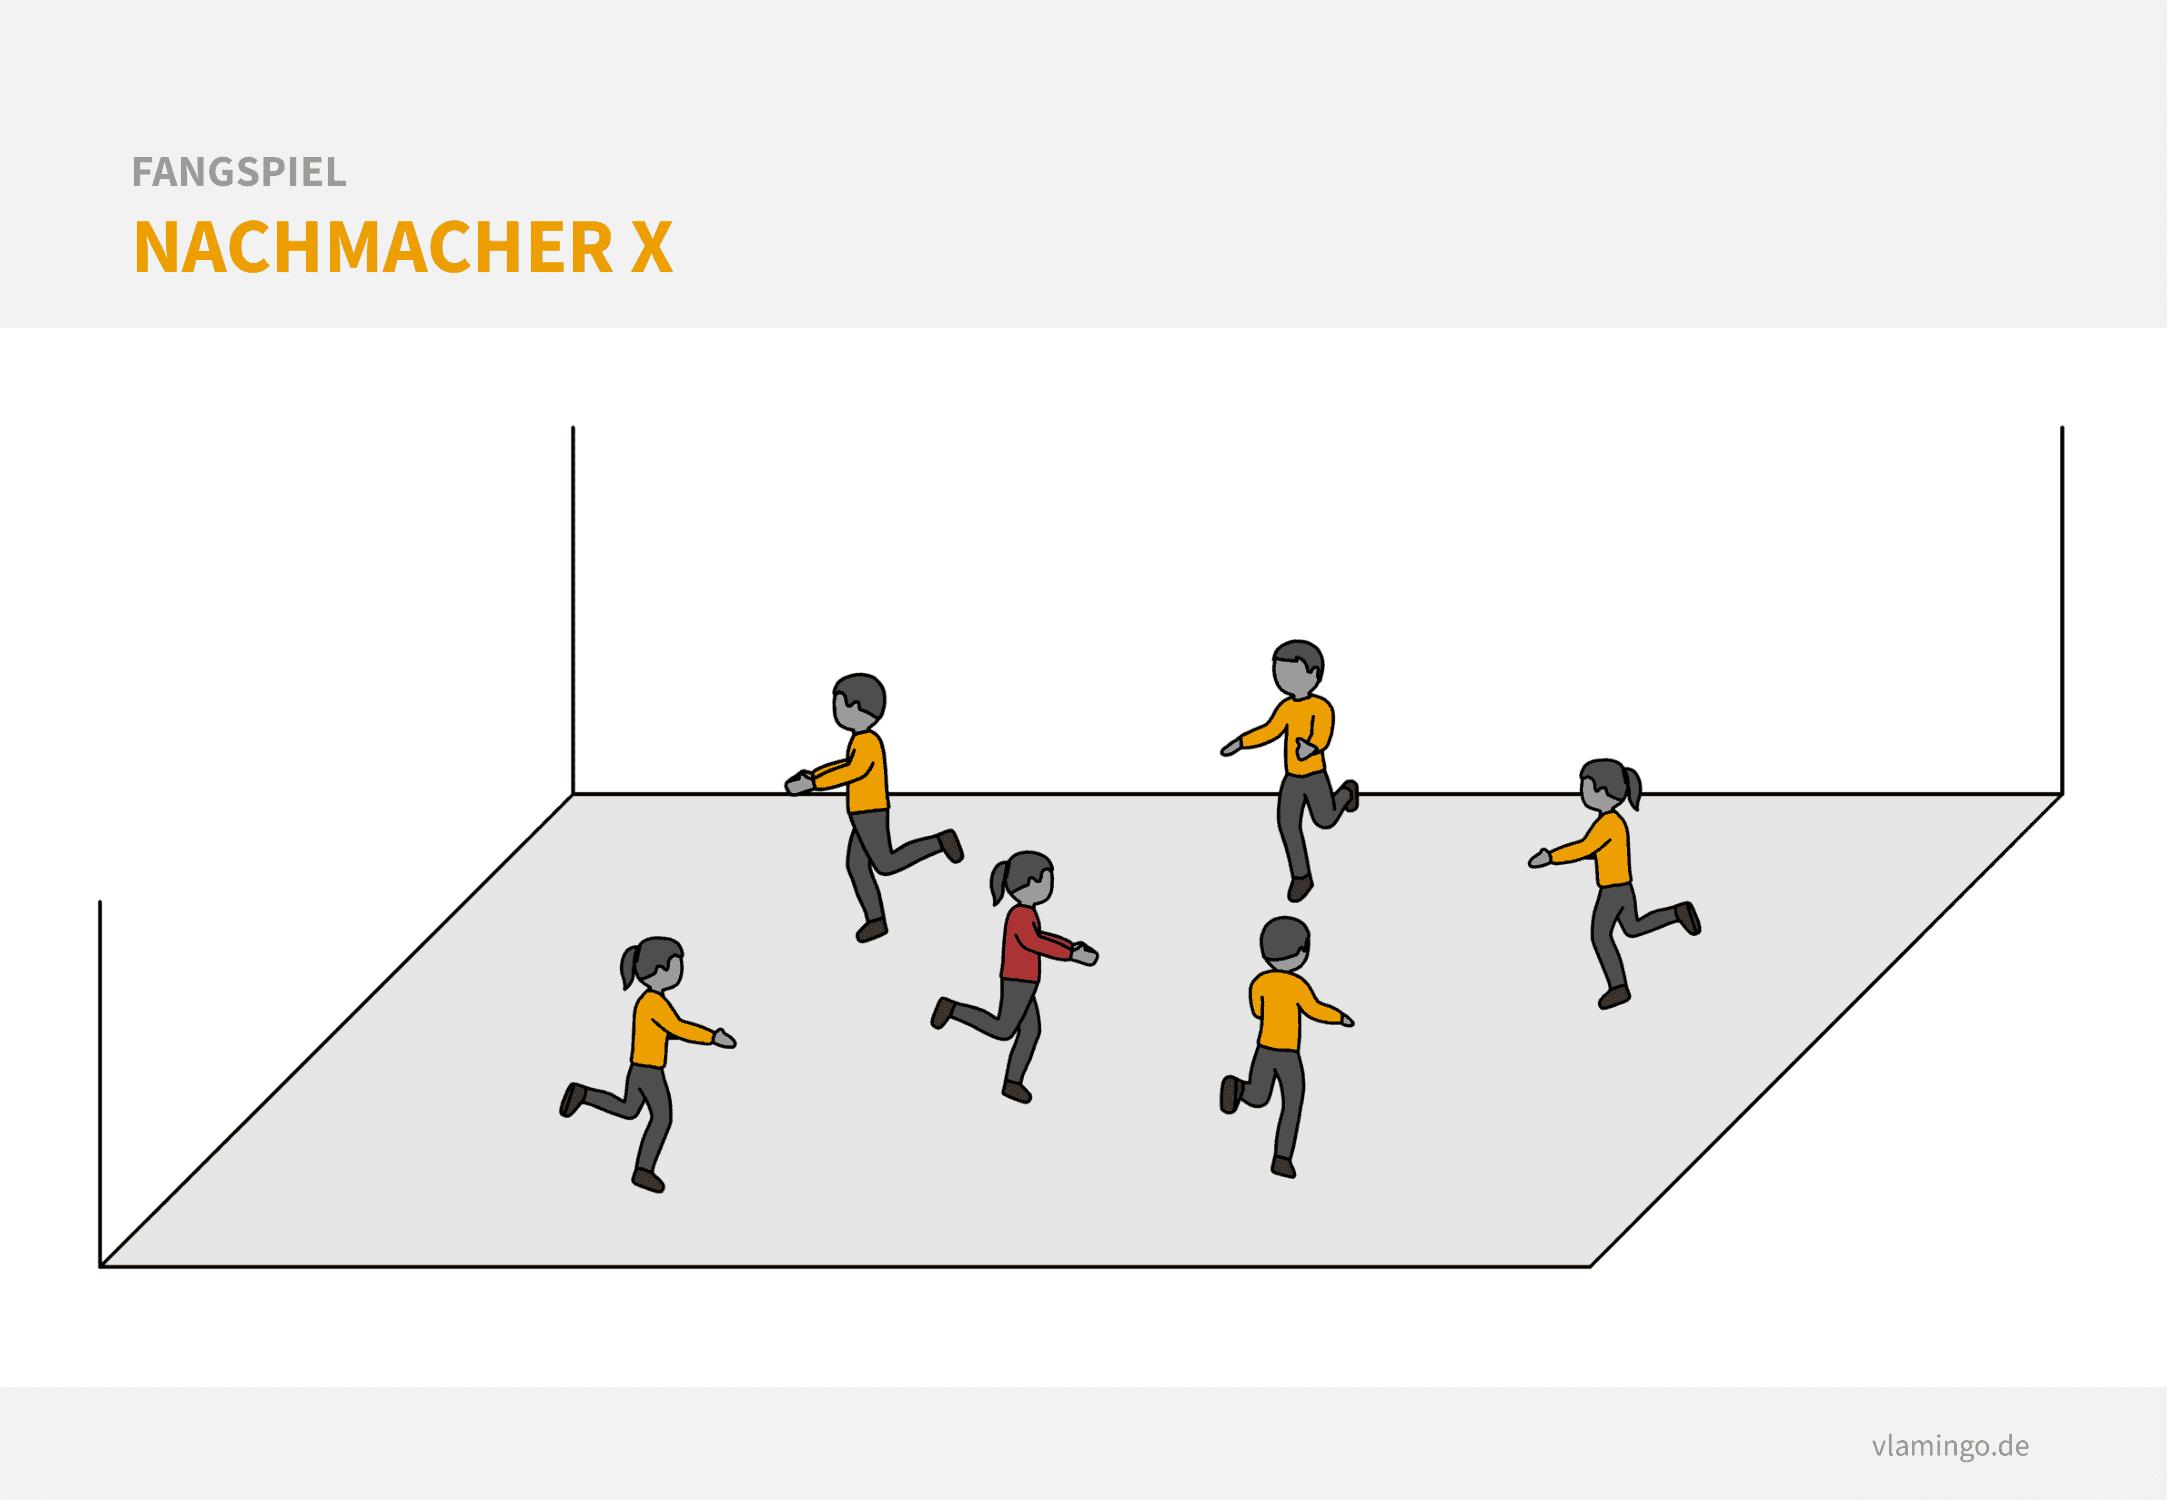 Fangspiel: Nachmacher X